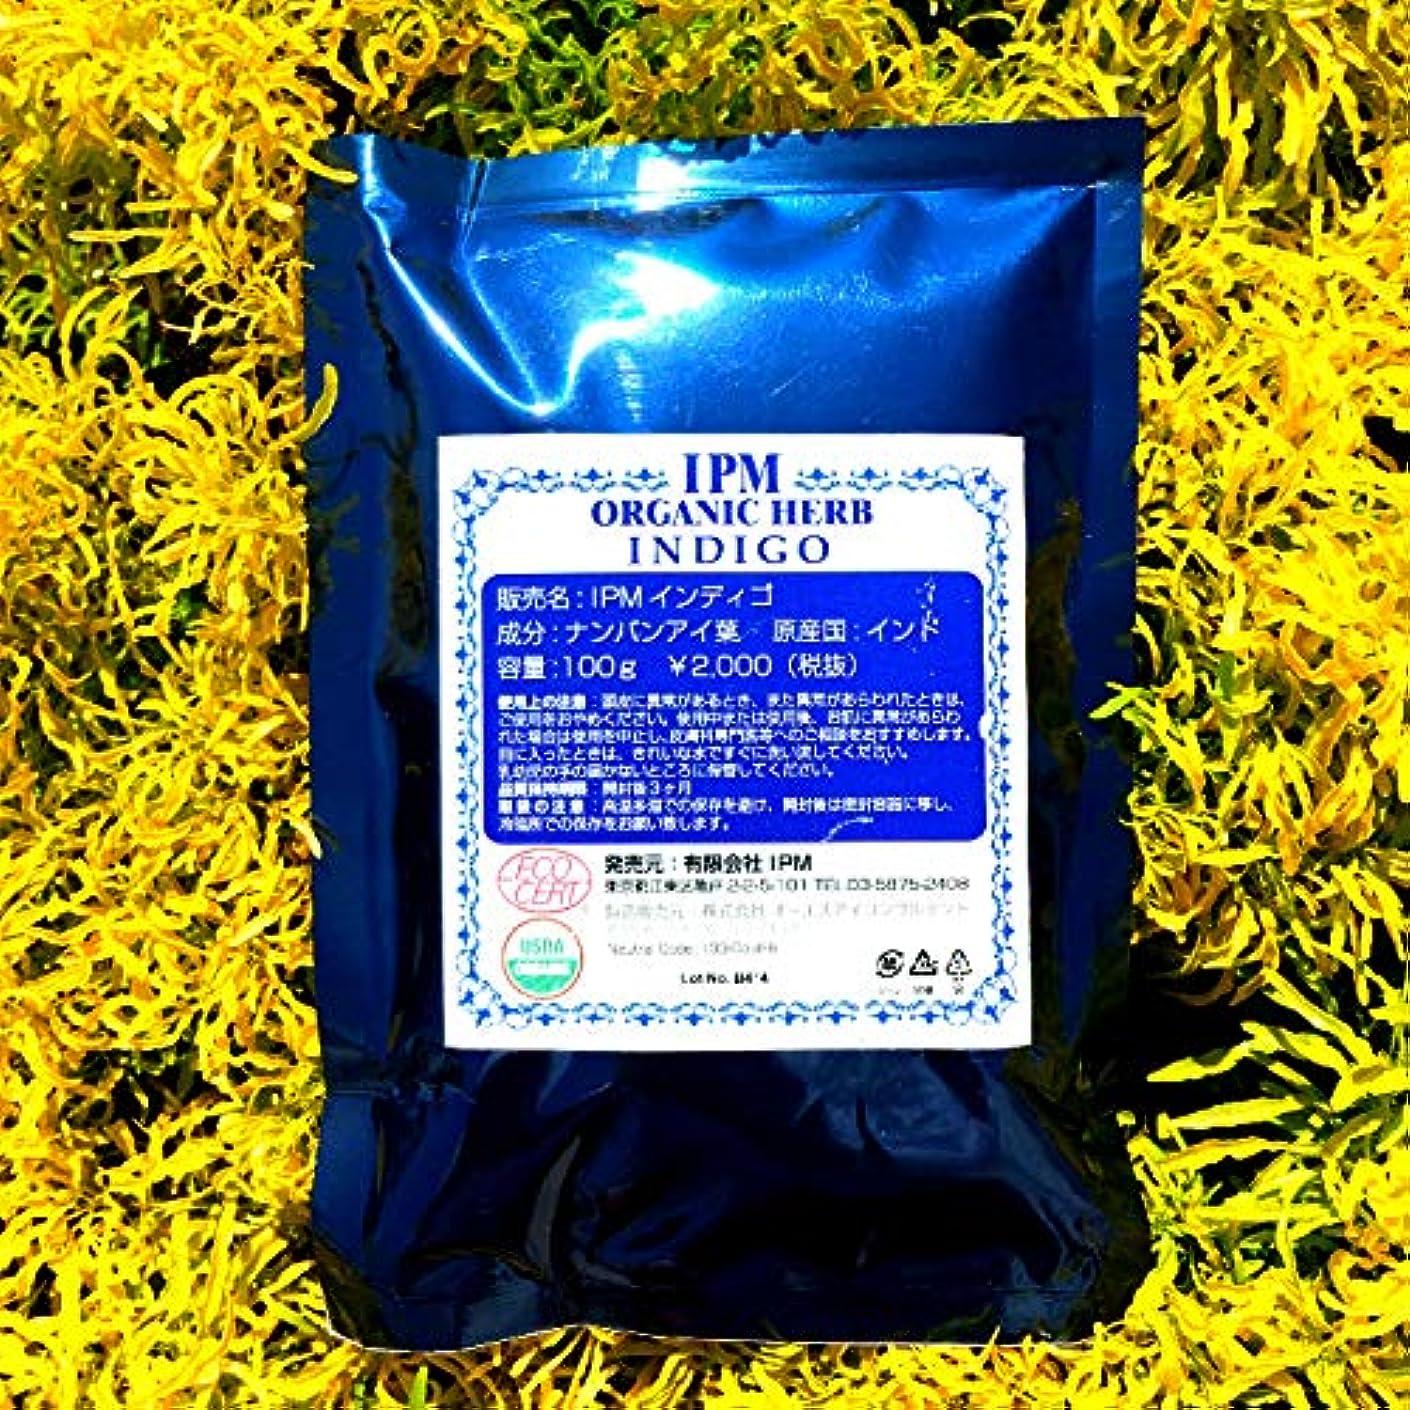 赤ちゃんスズメバチ裁量IPM インディゴ 500g (100g×5)